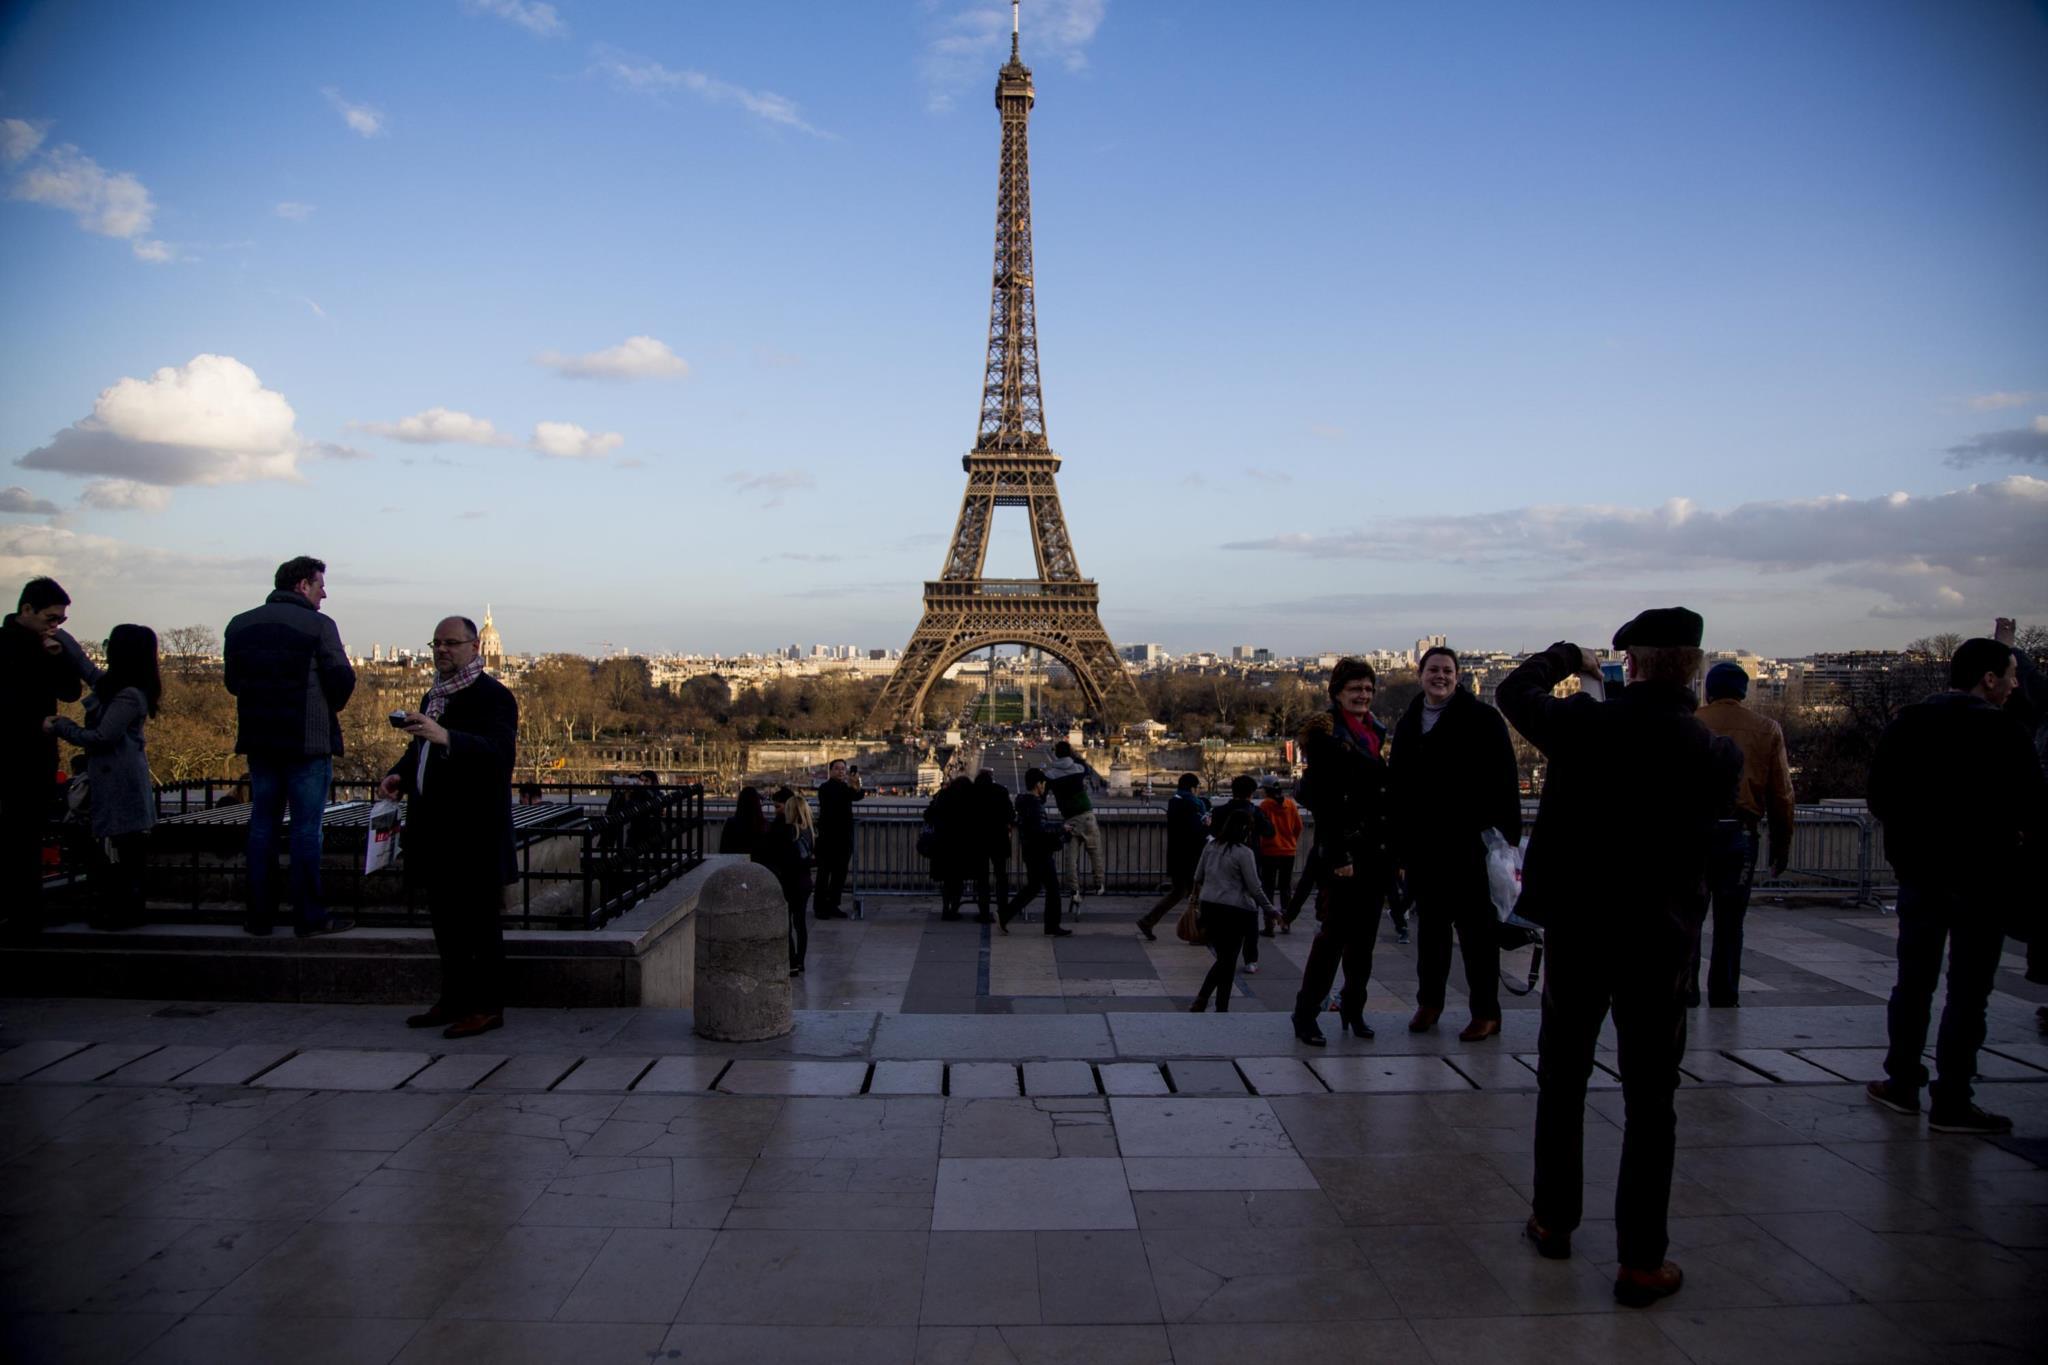 O monumento recebe, em média, sete milhões de visitas anuais